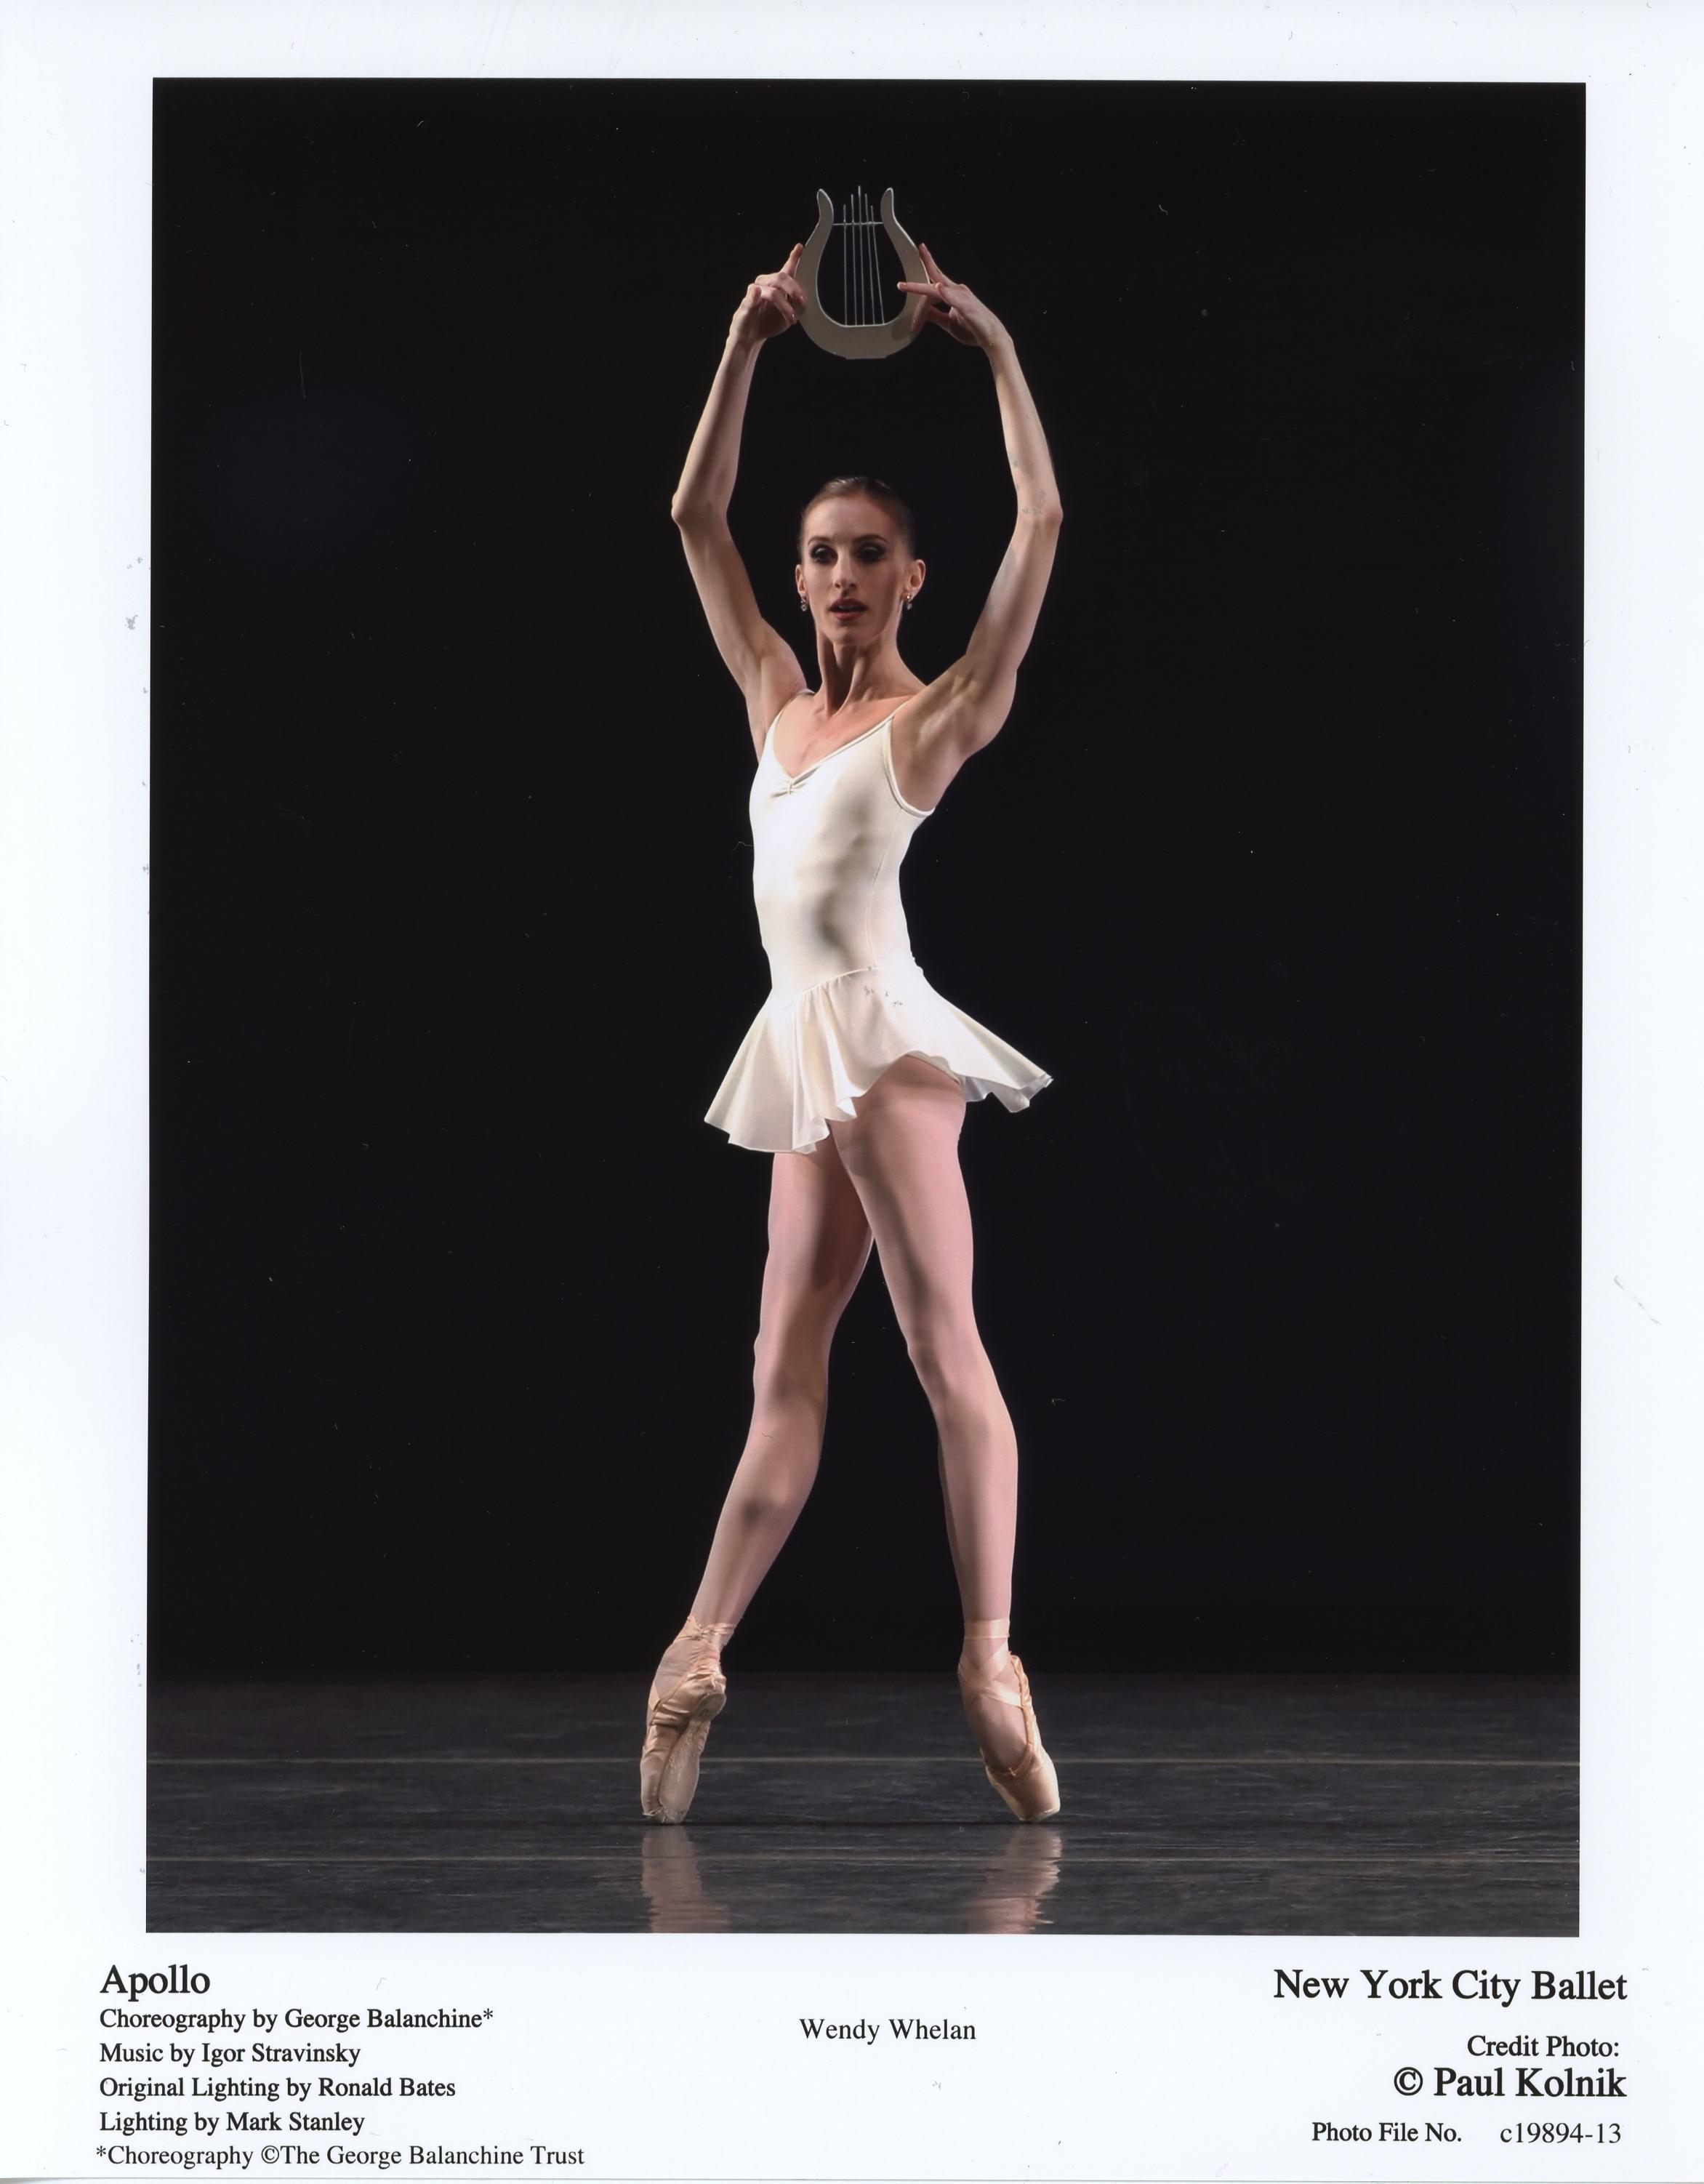 ballet dancer in apollo